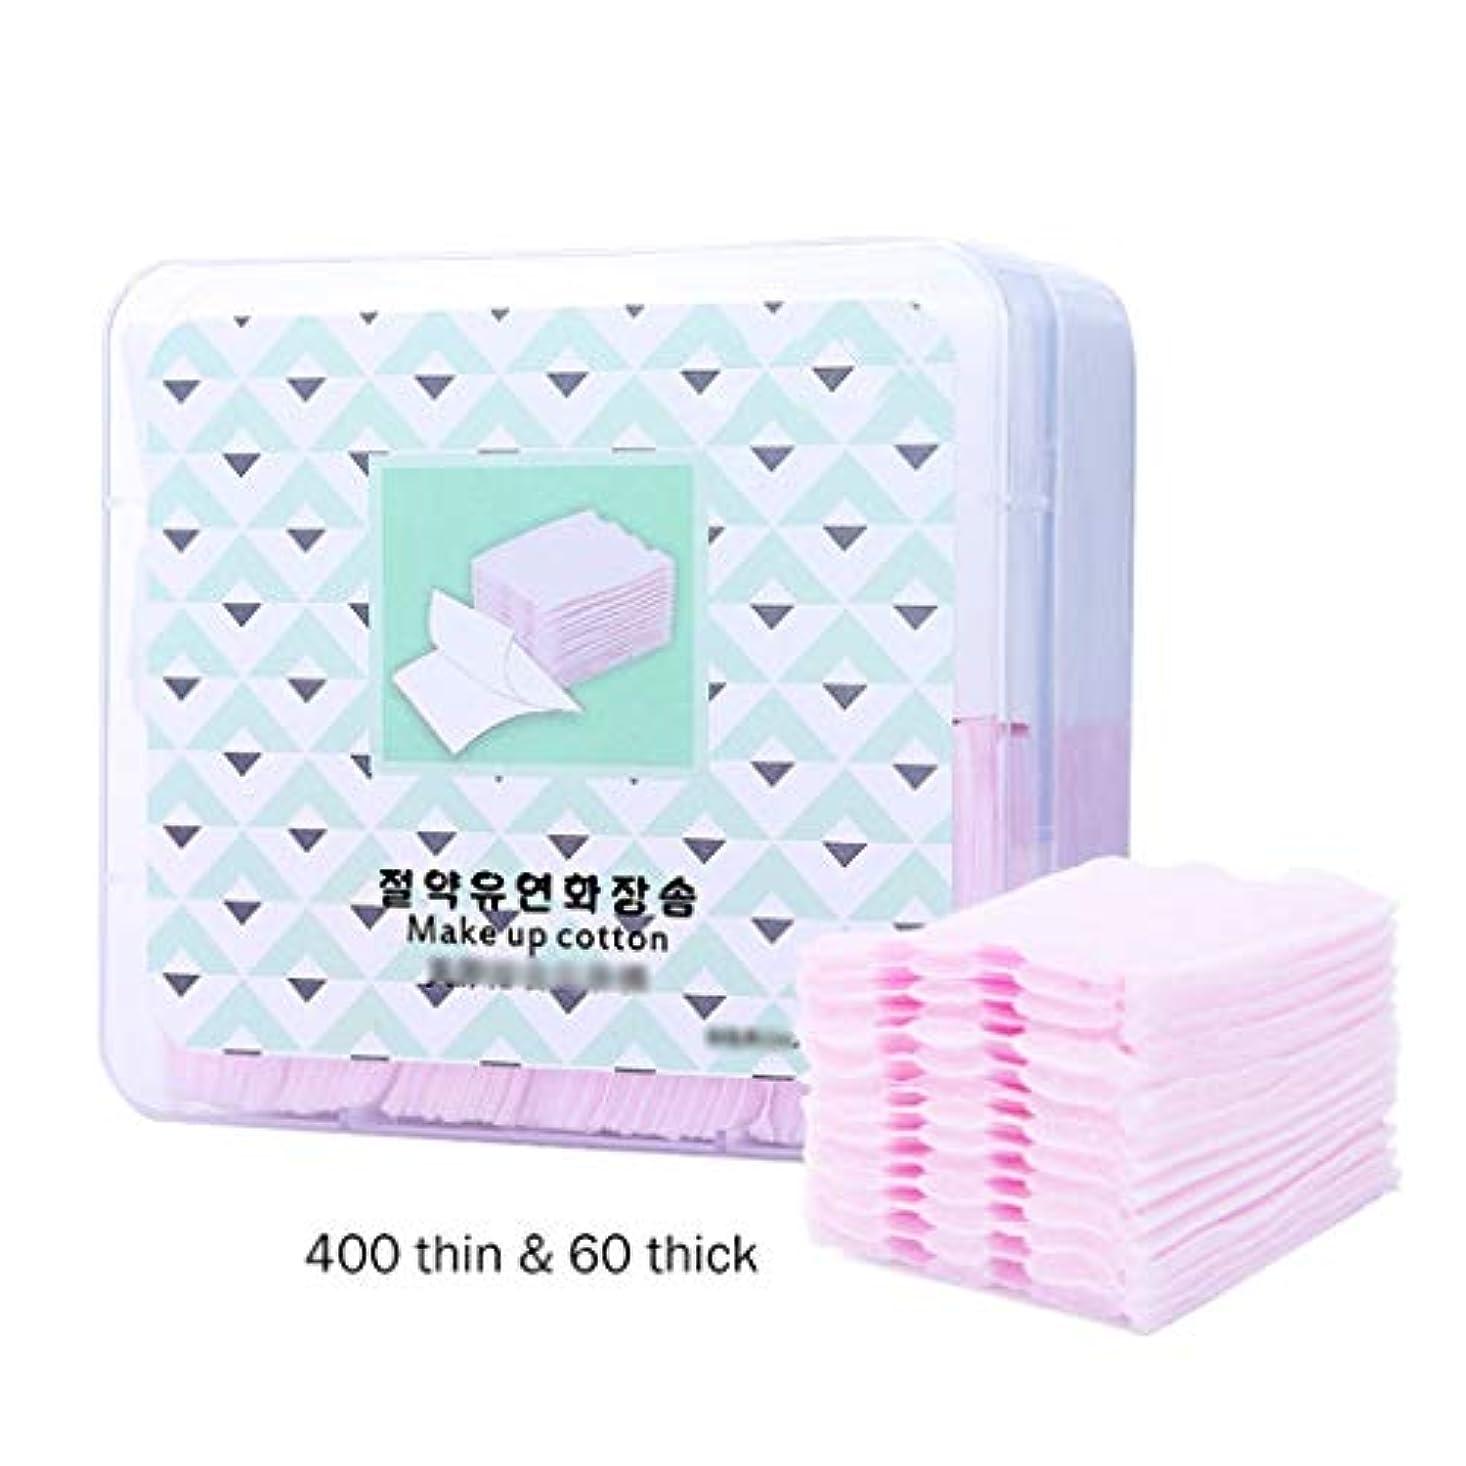 免疫論理的に注釈クレンジングシート 460ピース化粧コットンパッド再利用可能な有機ネイルコットンワイプフェイシャルティッシュメイクアップリムーバーワイプネイルナプキンホルダーボックス (Color : Pink+White)